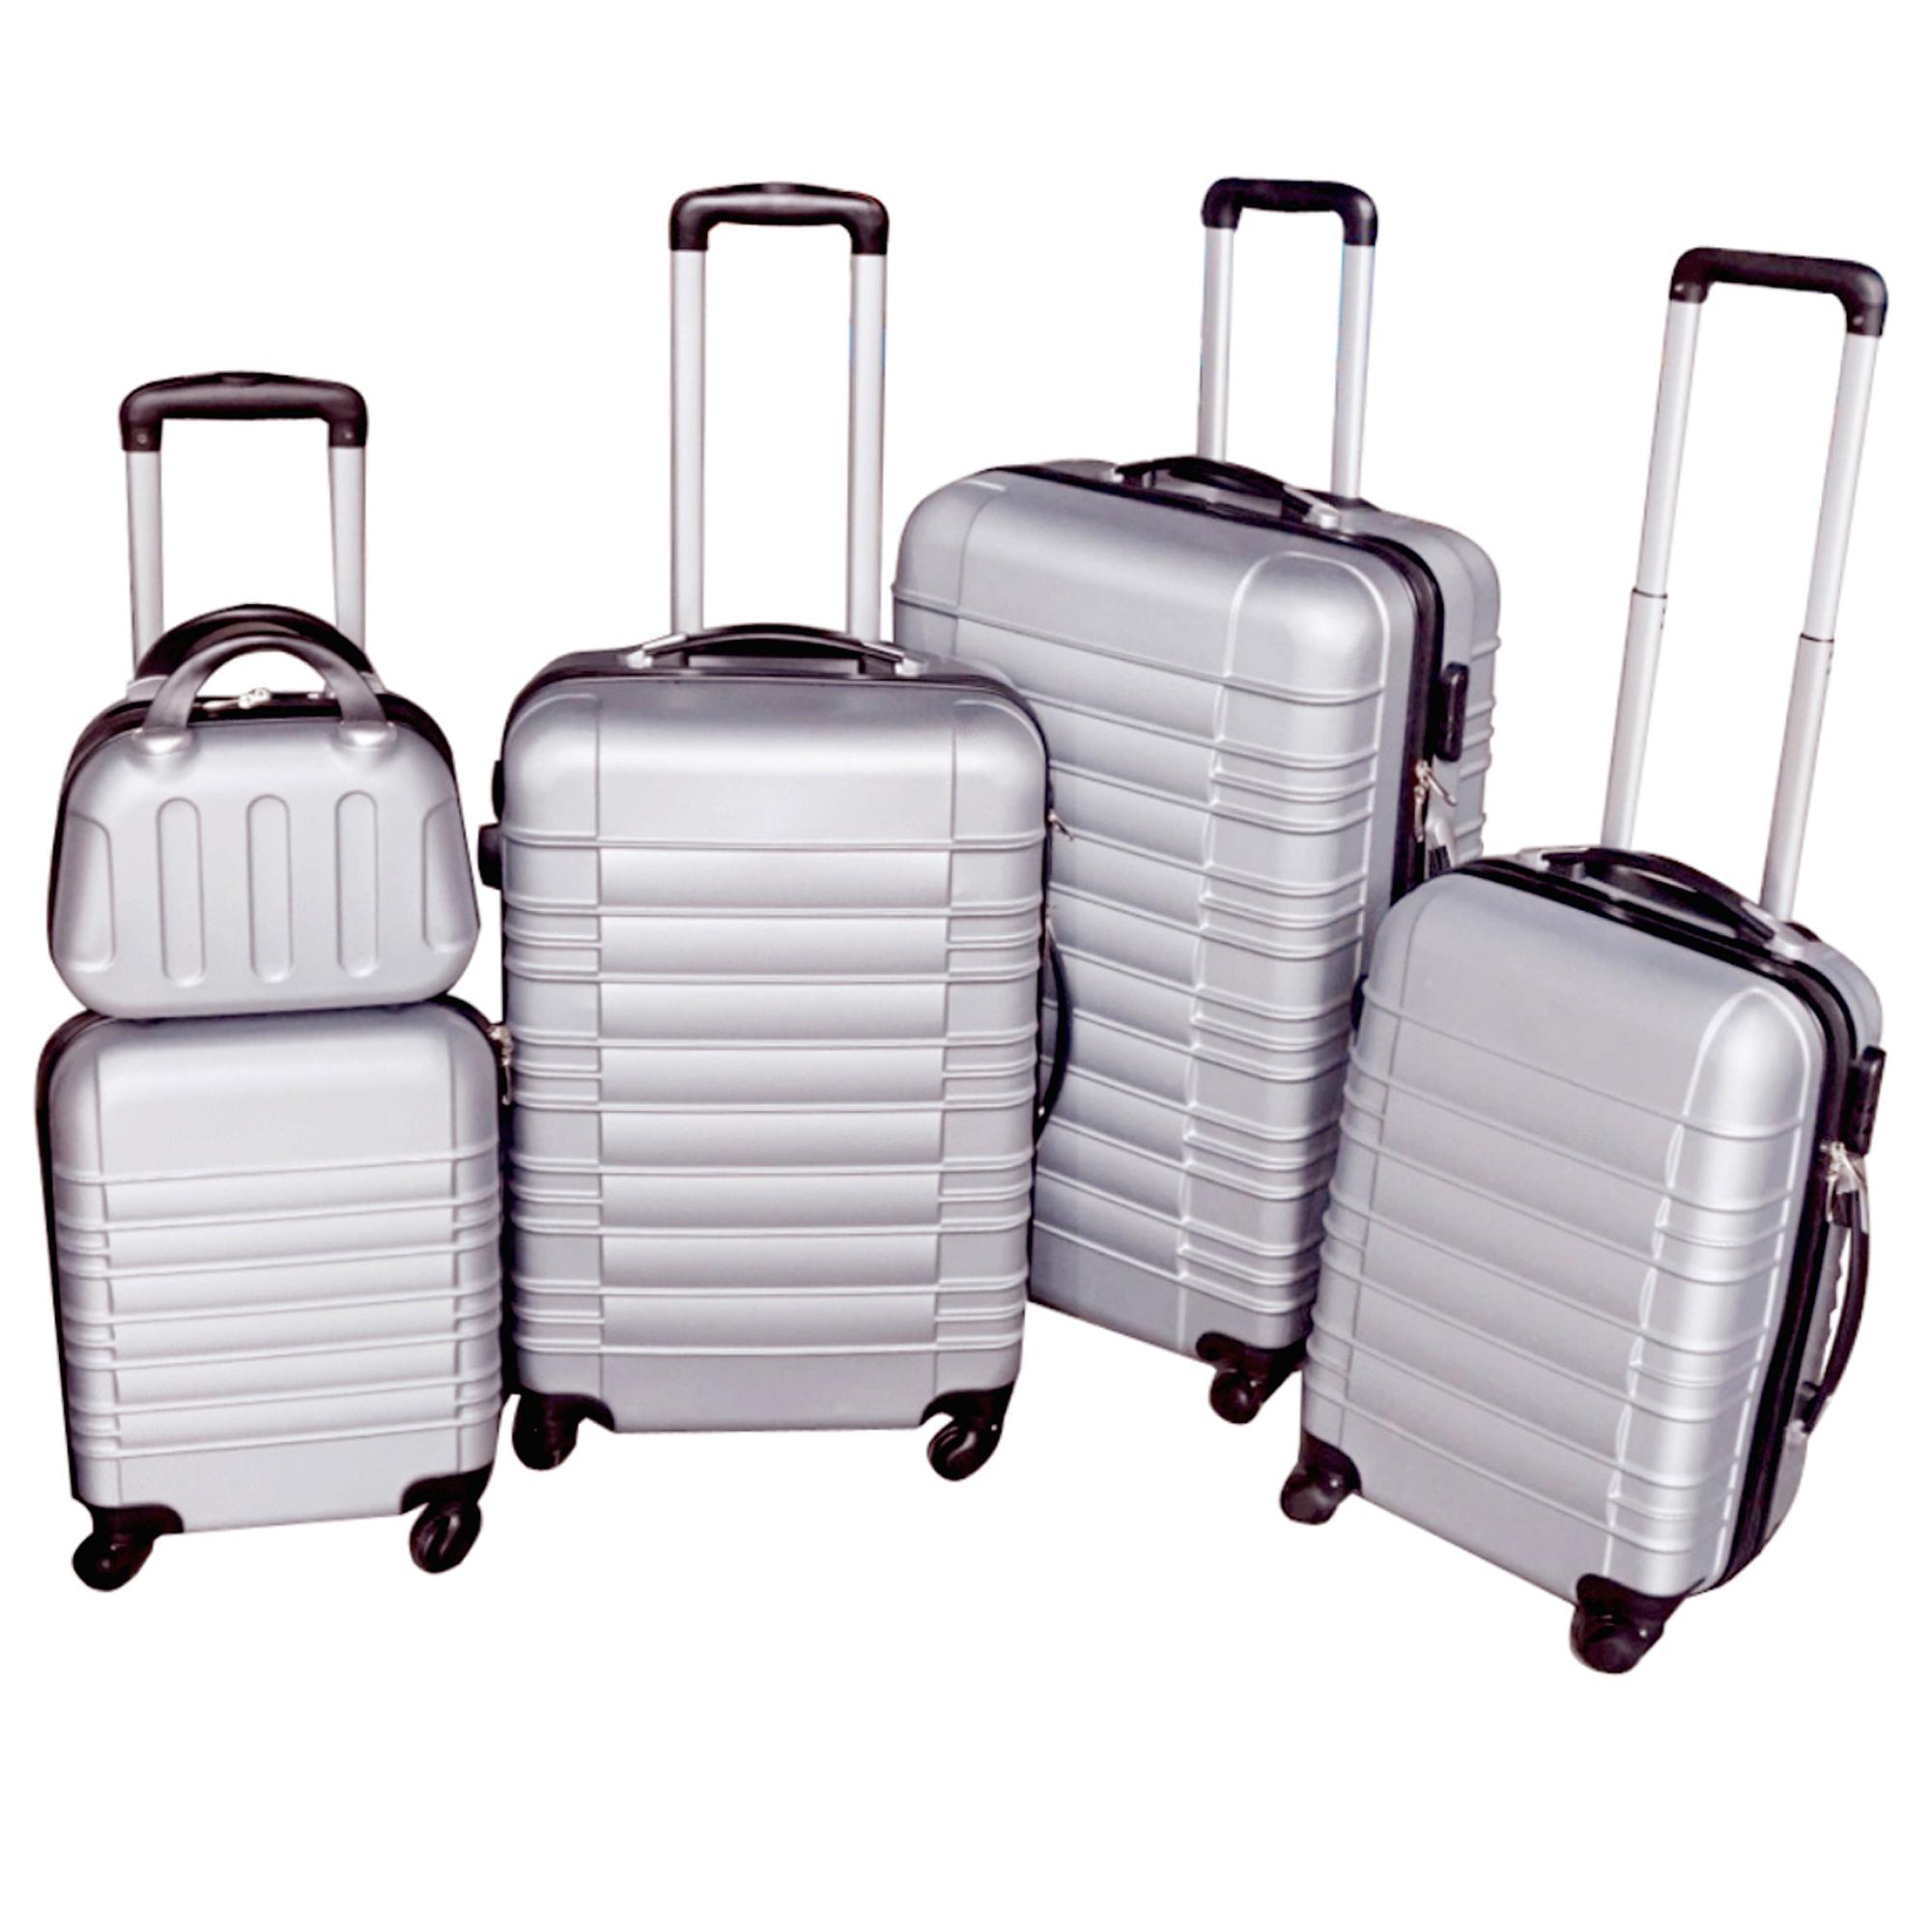 5 teiliges Koffer Set Hartschalenkoffer in 5 Farben - 35